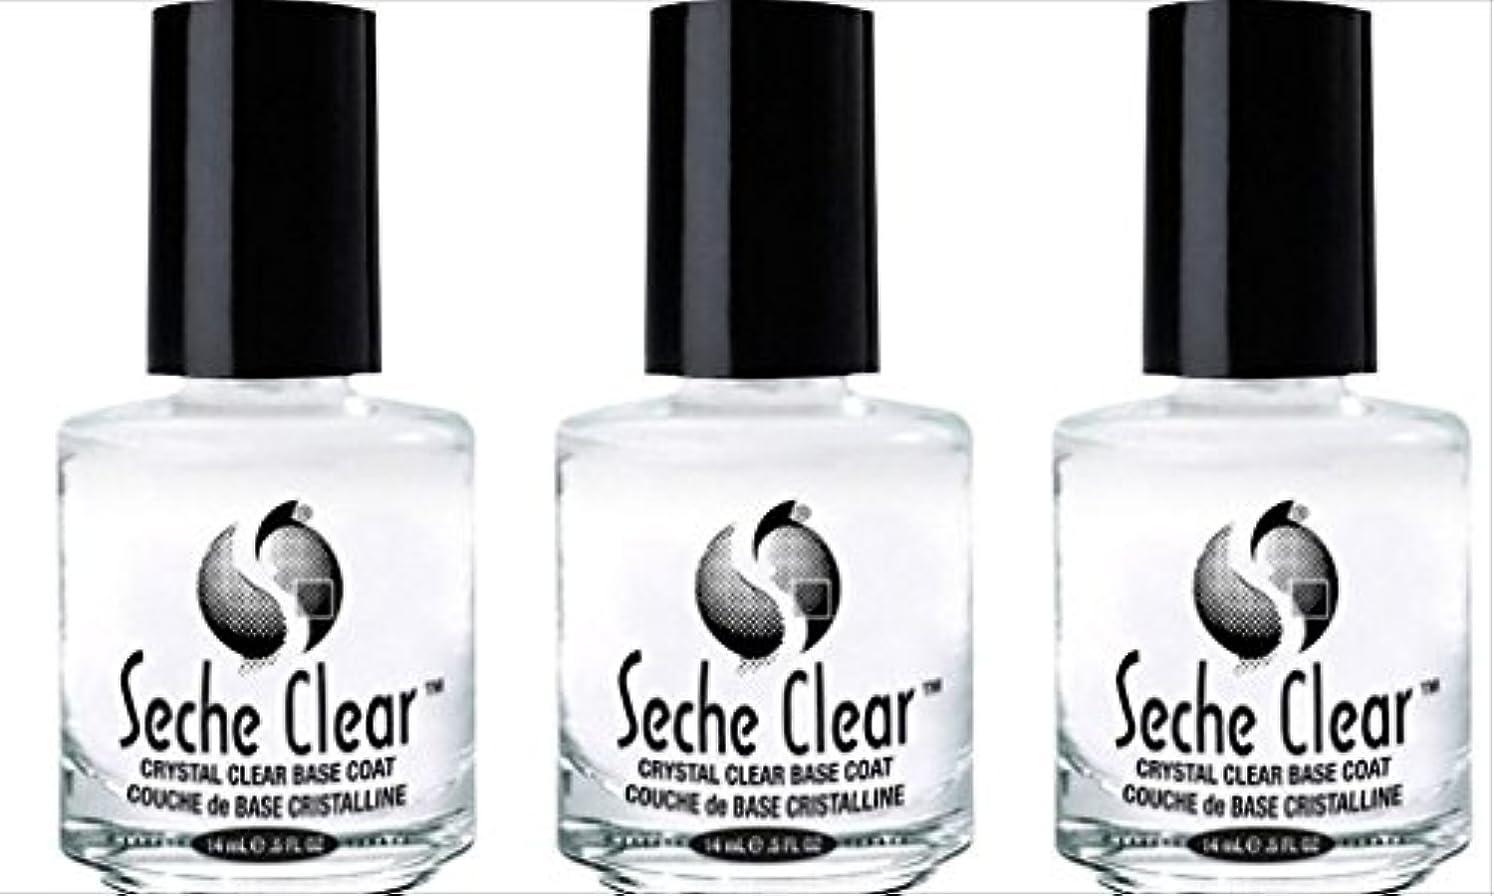 センチメートル求めるテーブル(3 Pack) SECHE Crystal Clear Base Coat (並行輸入品)